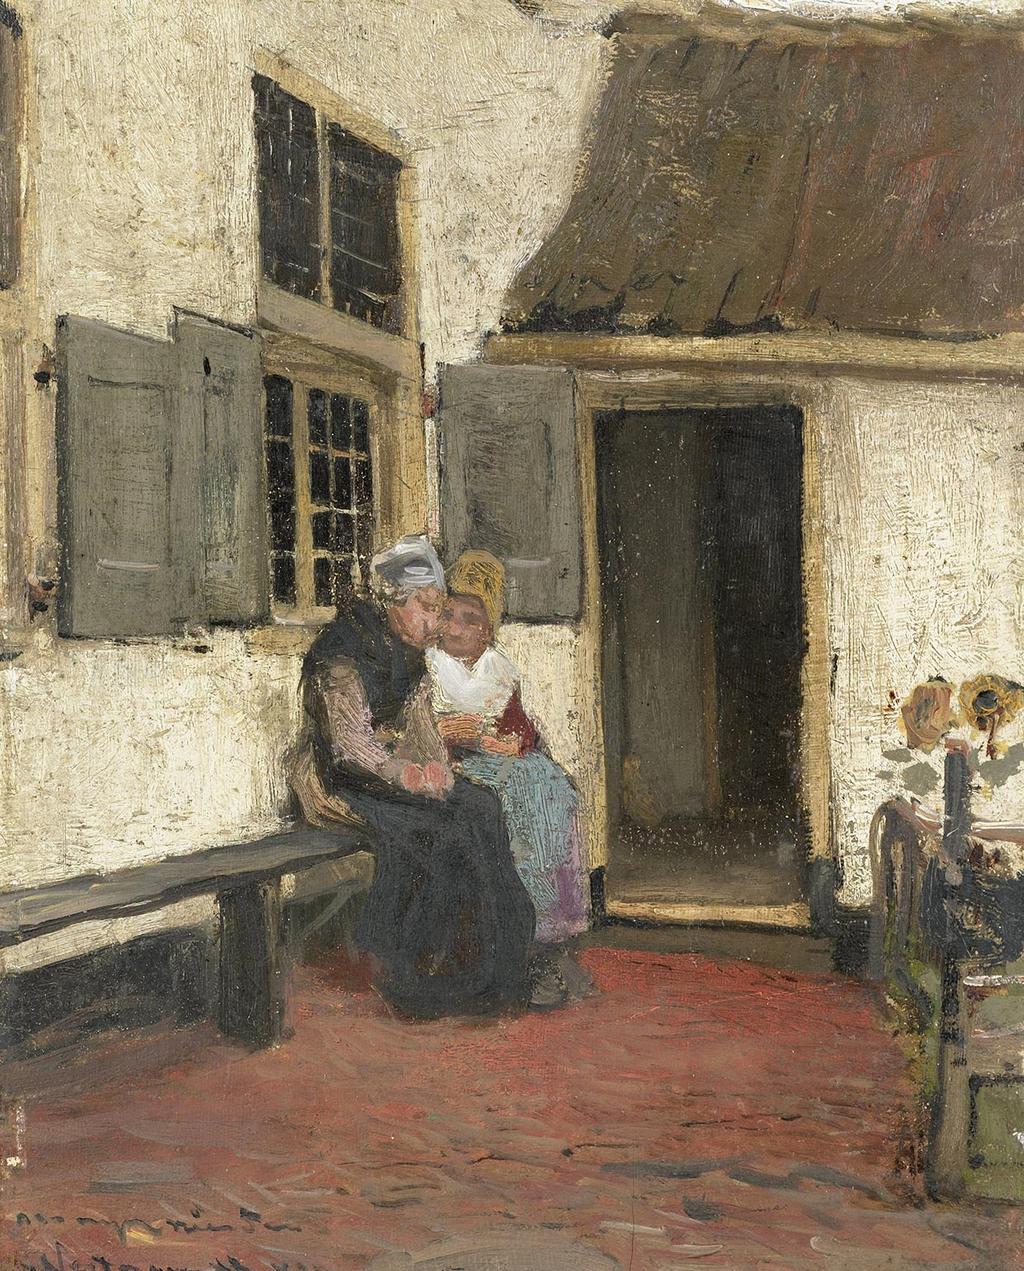 Schilderij van buurroddels van  Bernardus Johannes Blommers (ca. 1880-1907)